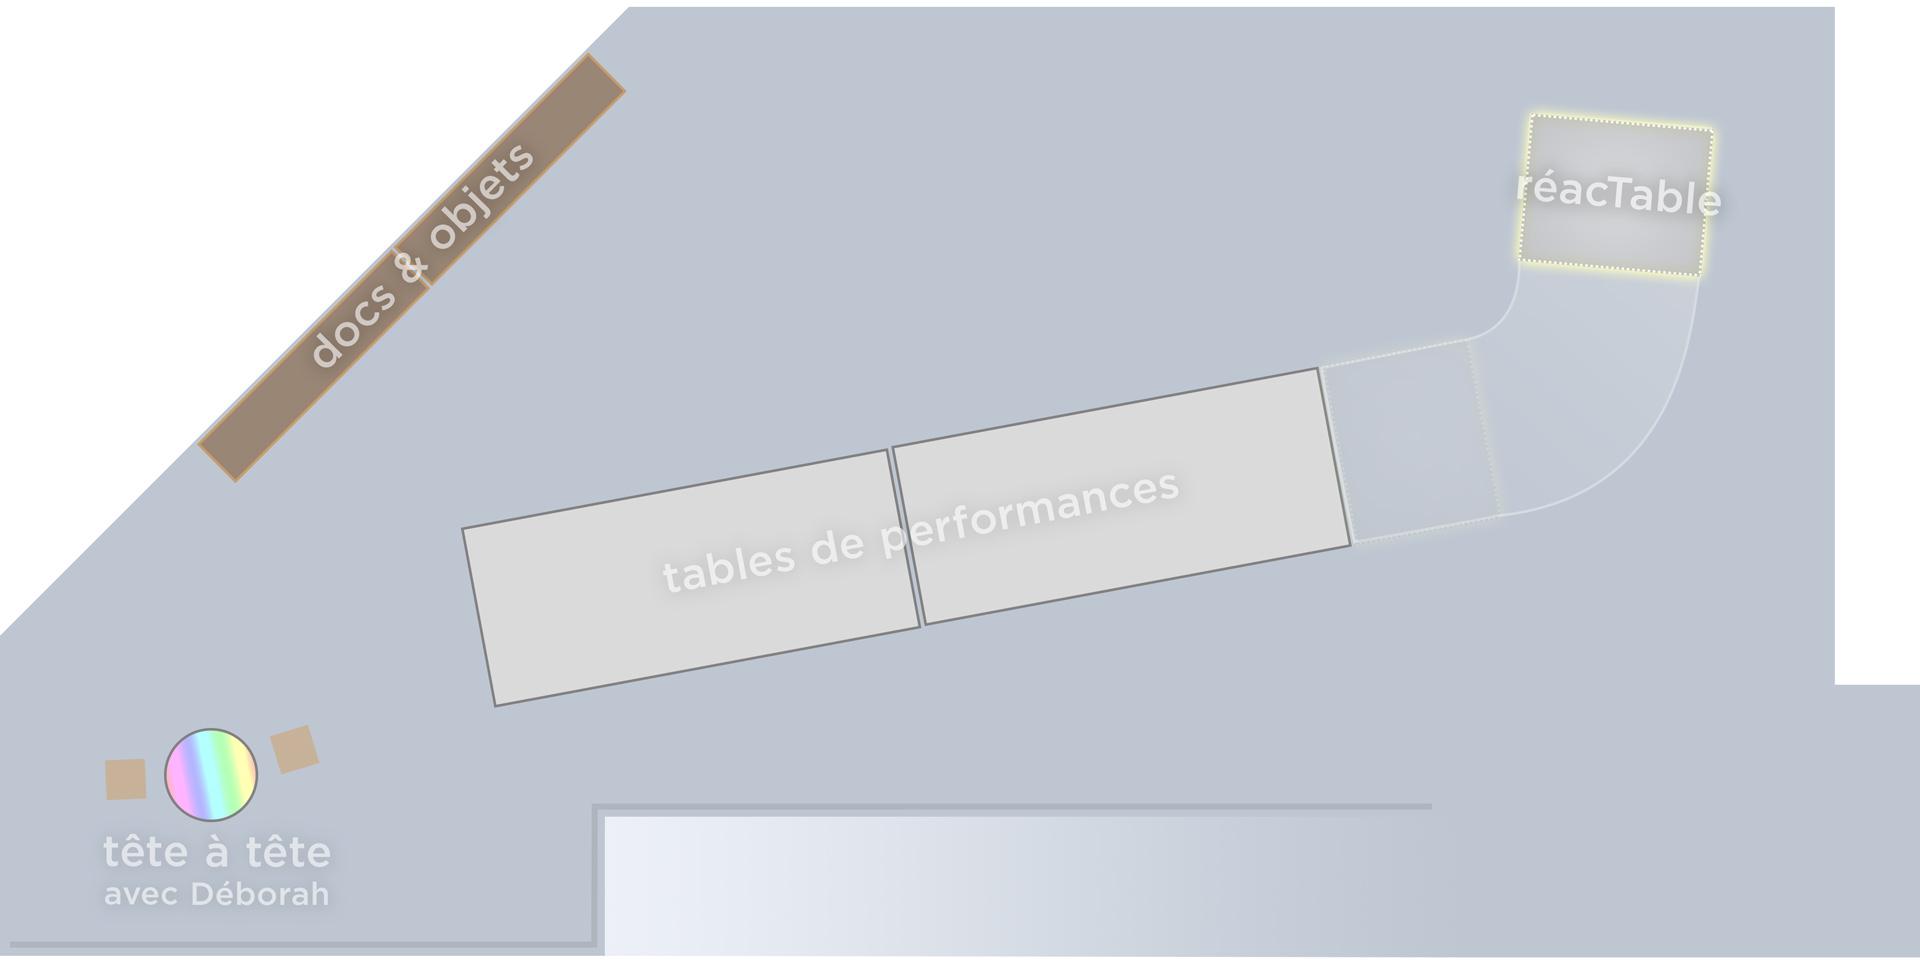 fiducial presque rien atelier 3bisf guillaumeloiseau guillaume loiseau plan mezzanine